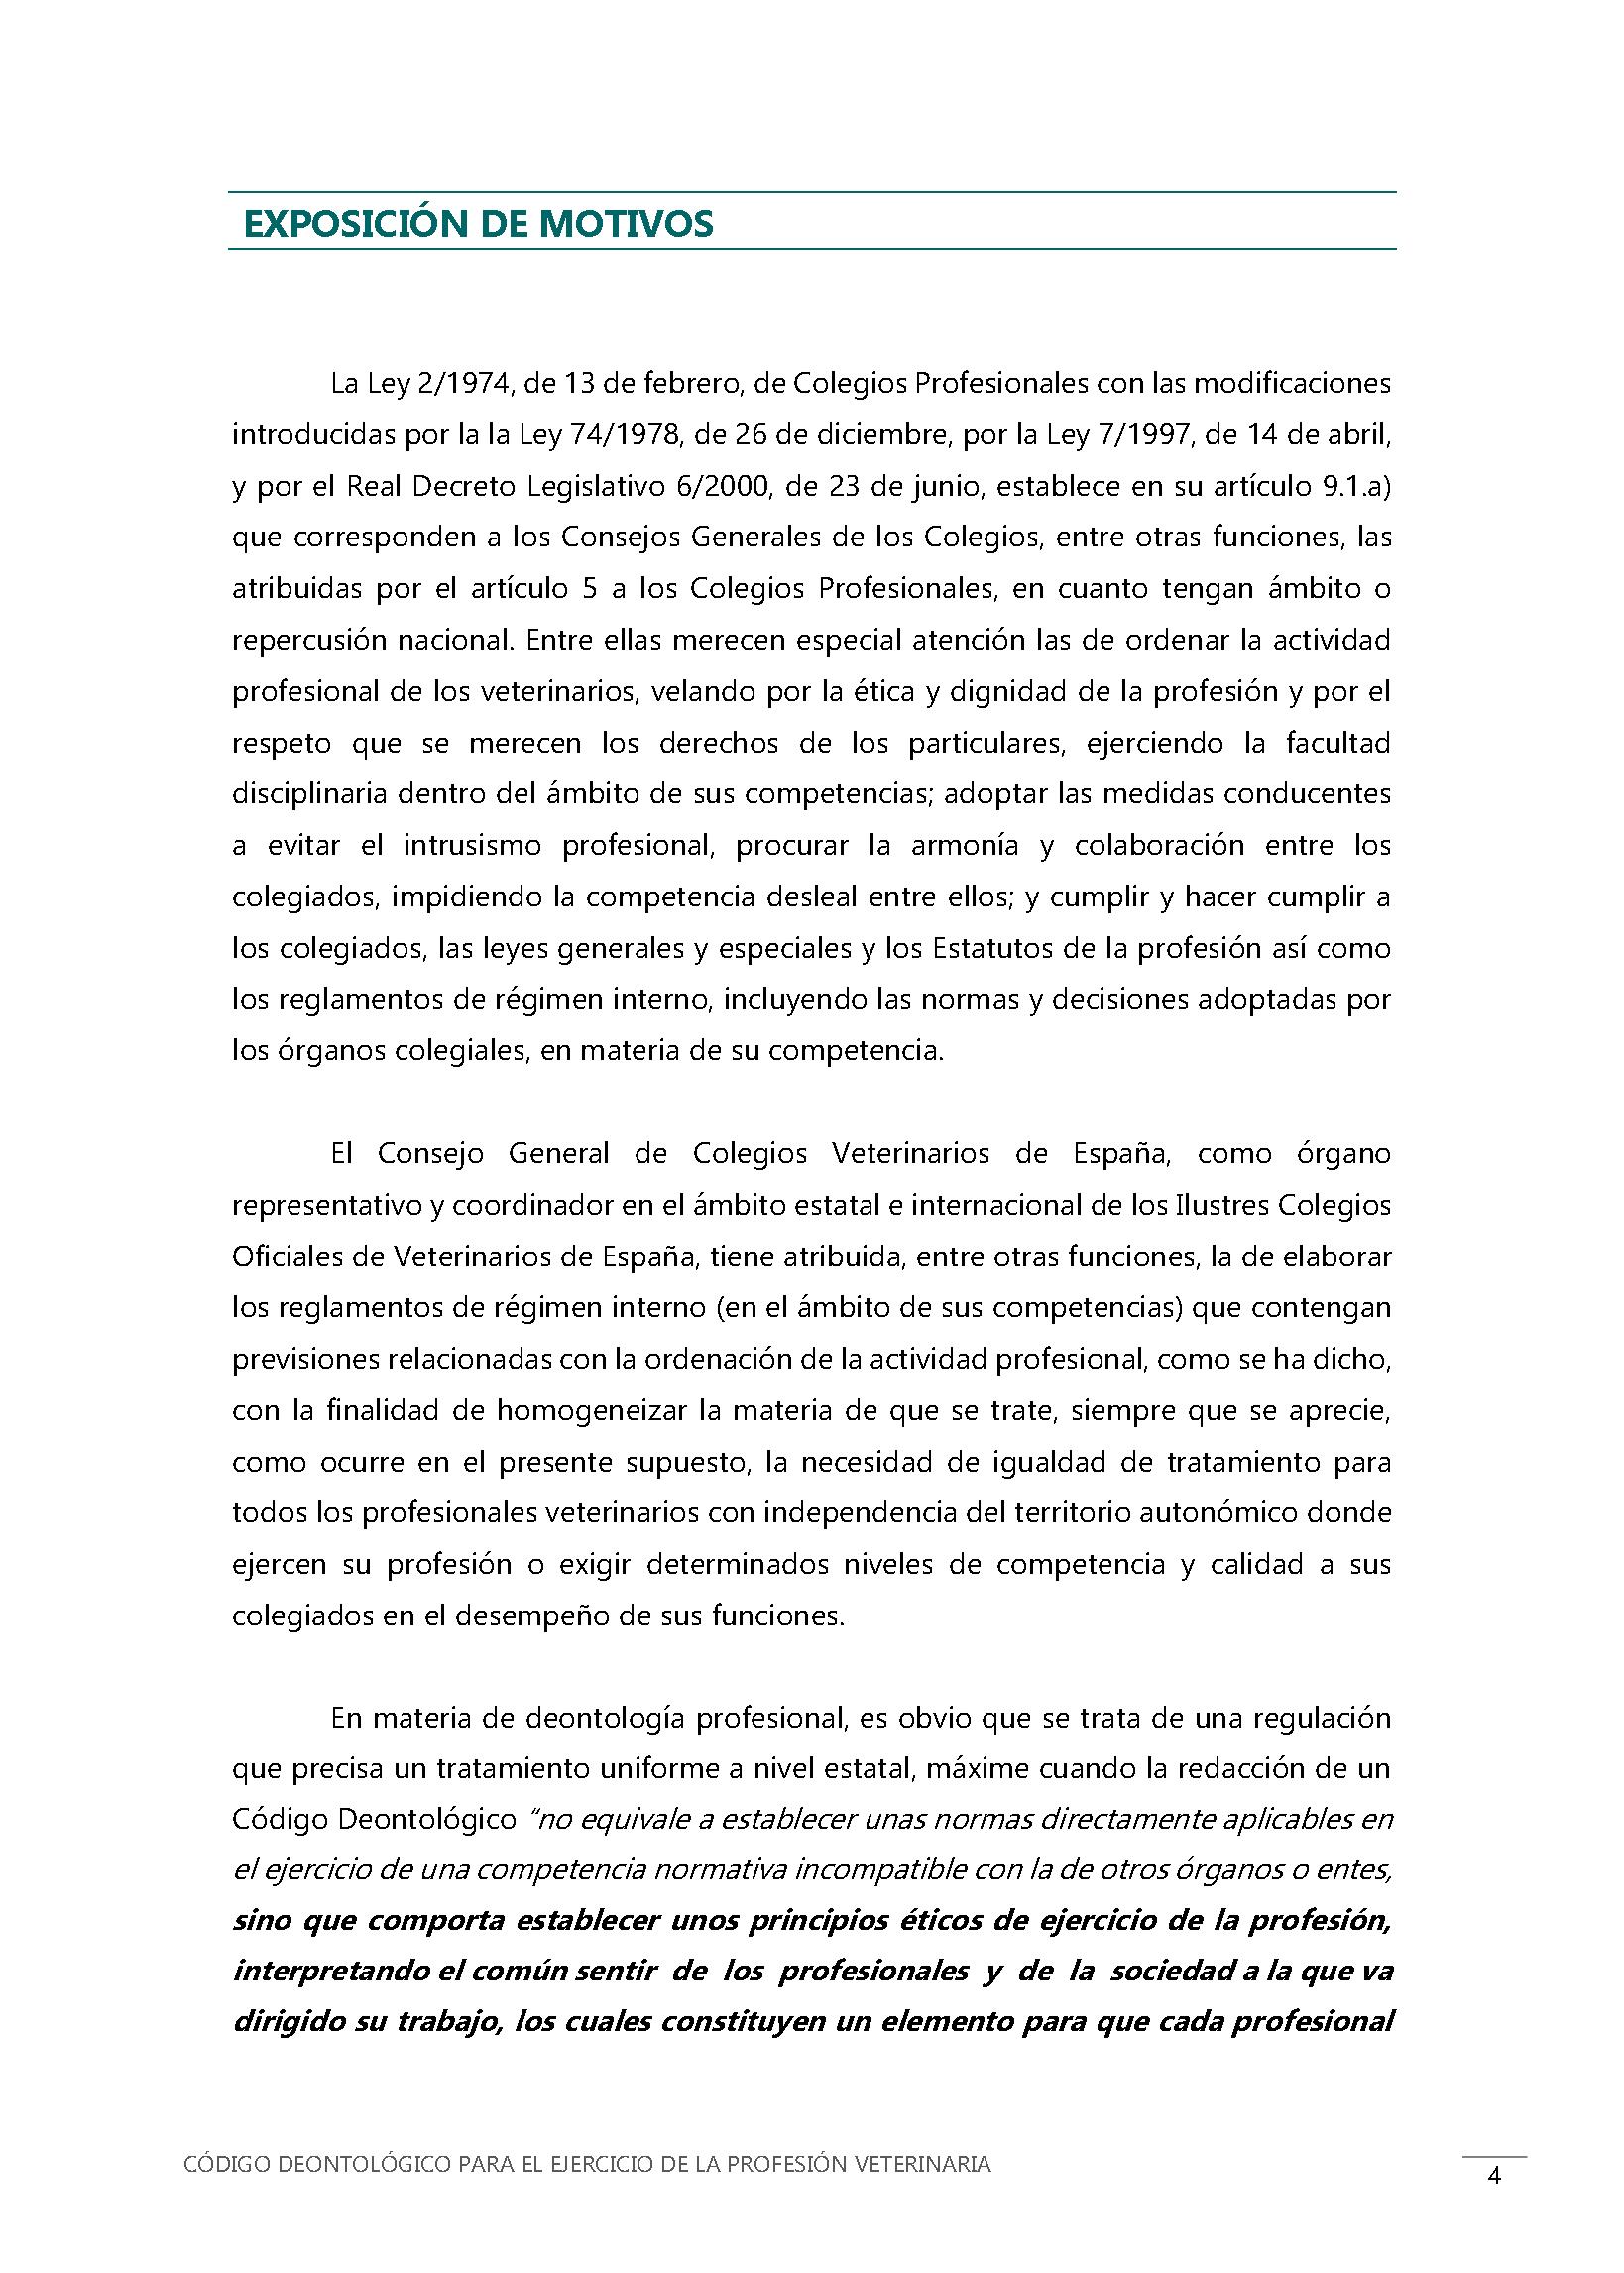 codigo deontológico dic 2018_Página_06